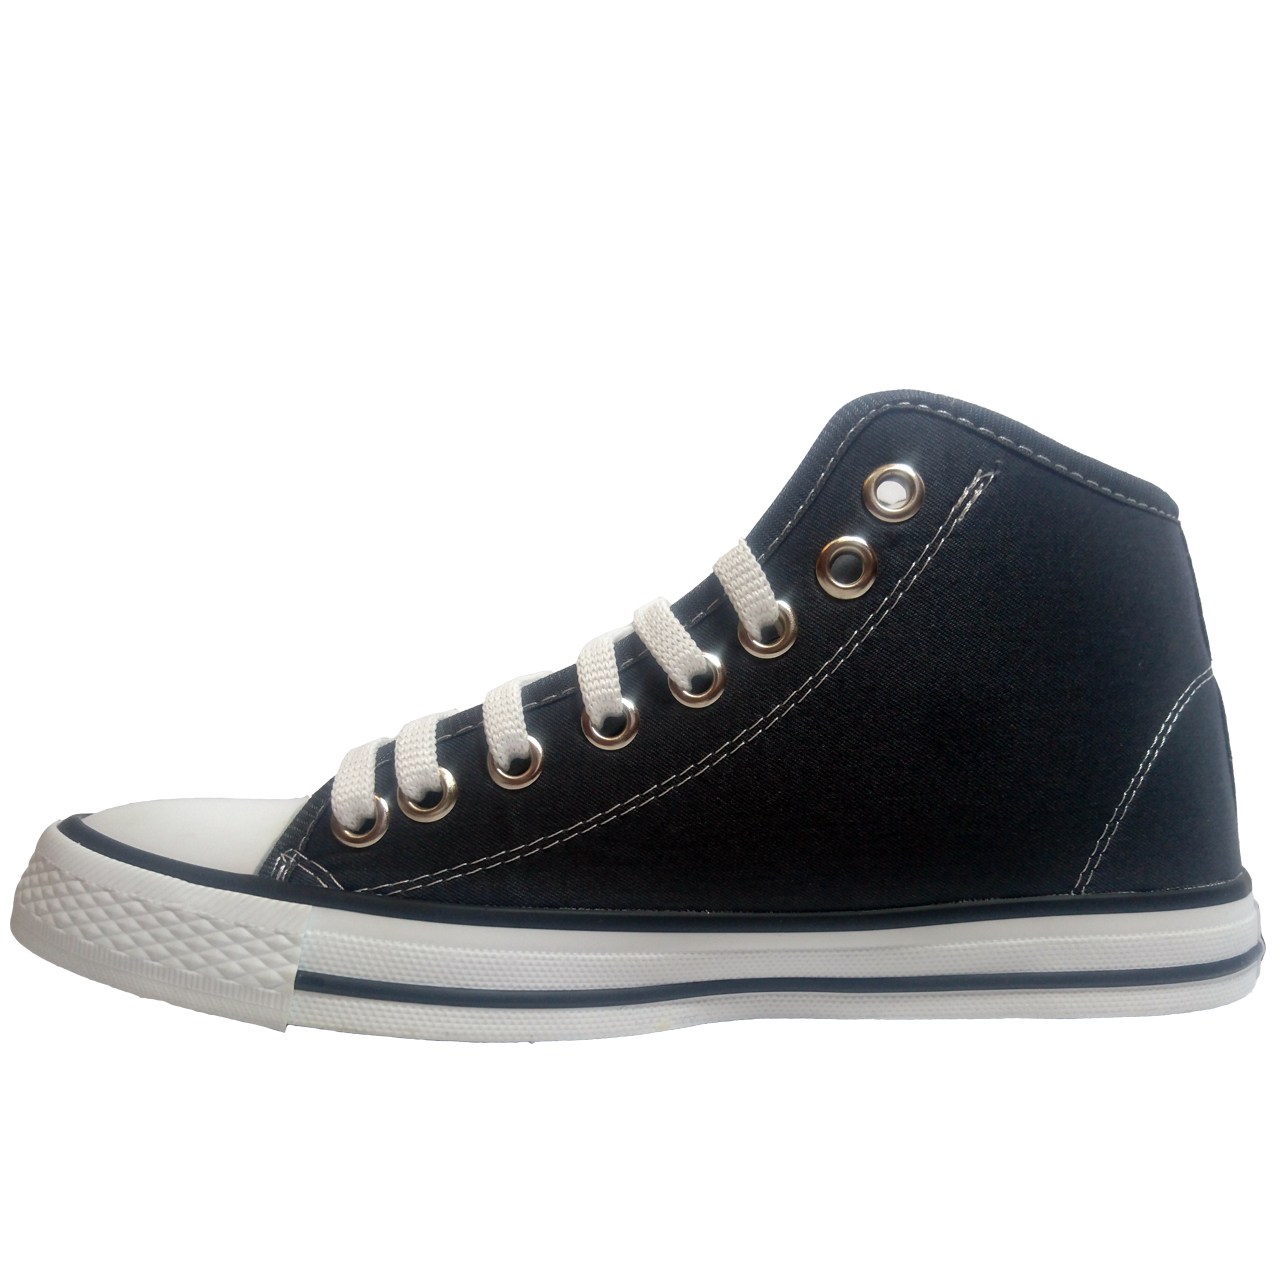 کفش راحتی کانورس مدل Chuck Taylor All Star